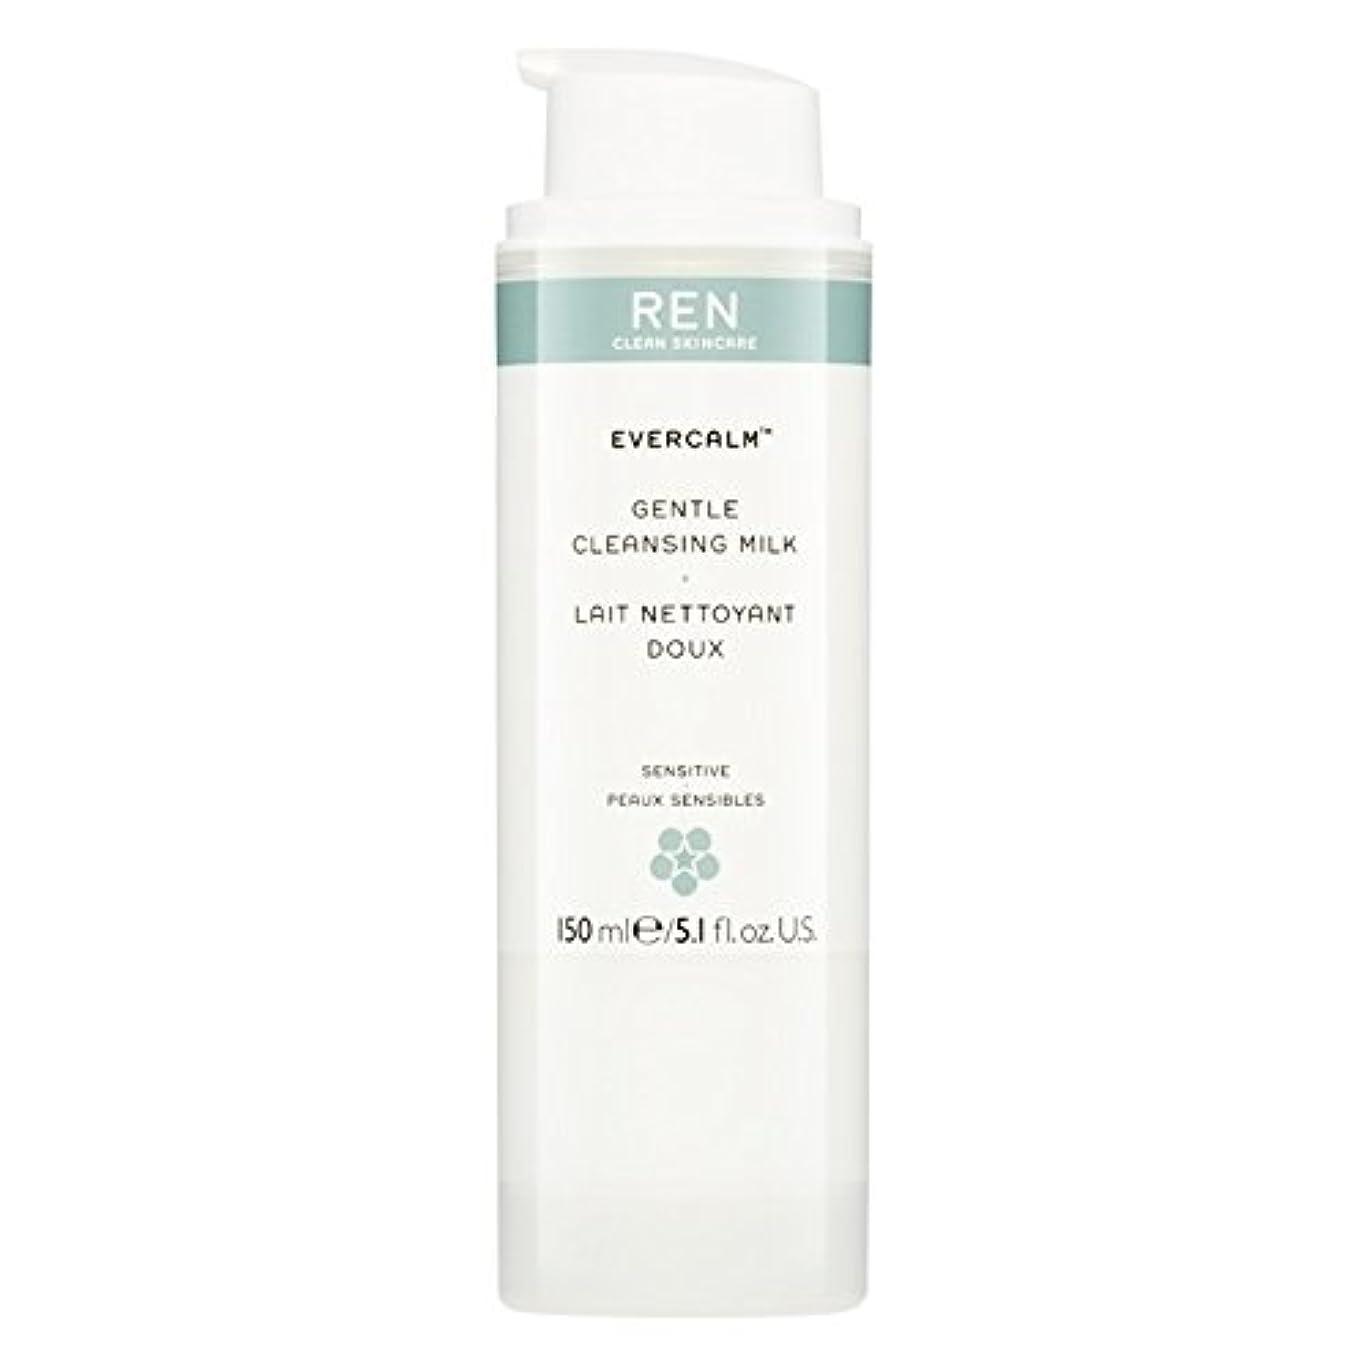 多年生集中的な繁殖Ren Evercalm優しいクレンジングミルク、150ミリリットル (REN) (x2) - REN Evercalm Gentle Cleansing Milk, 150ml (Pack of 2) [並行輸入品]